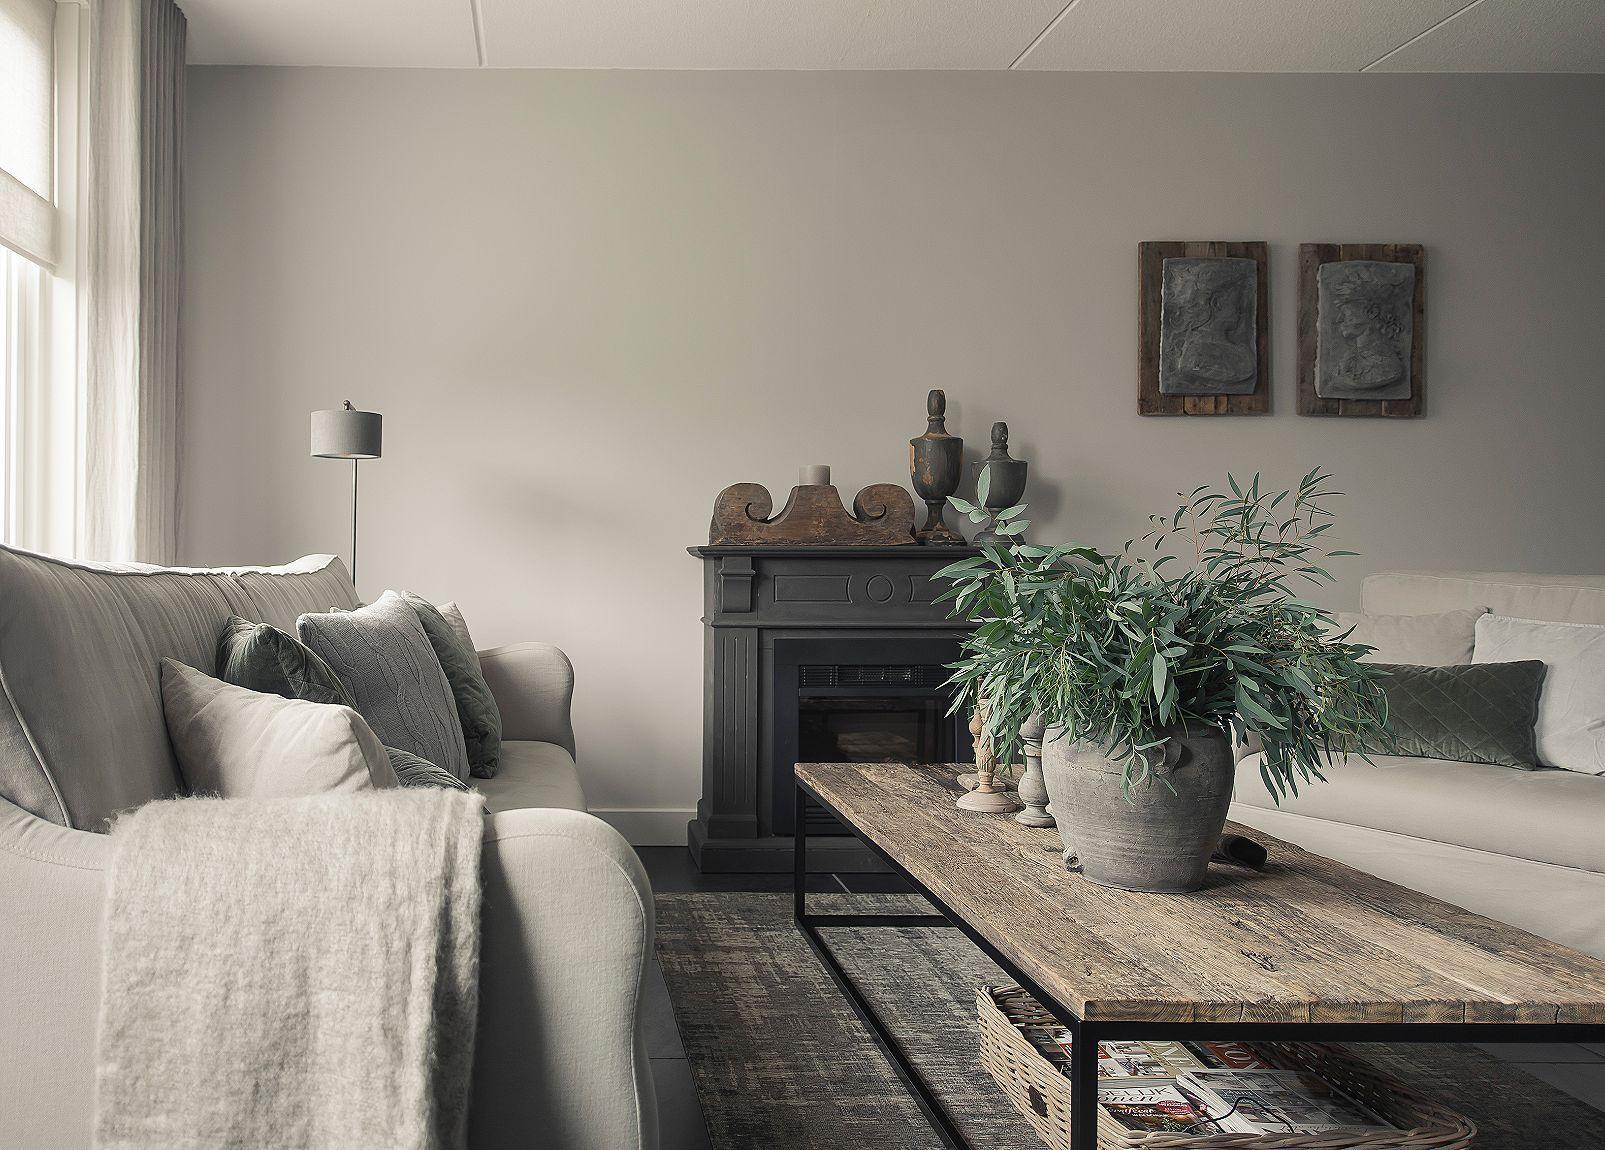 Stoer Landelijk Interieur : Hoffz stoer landelijk wonen huisdecoratie home living room